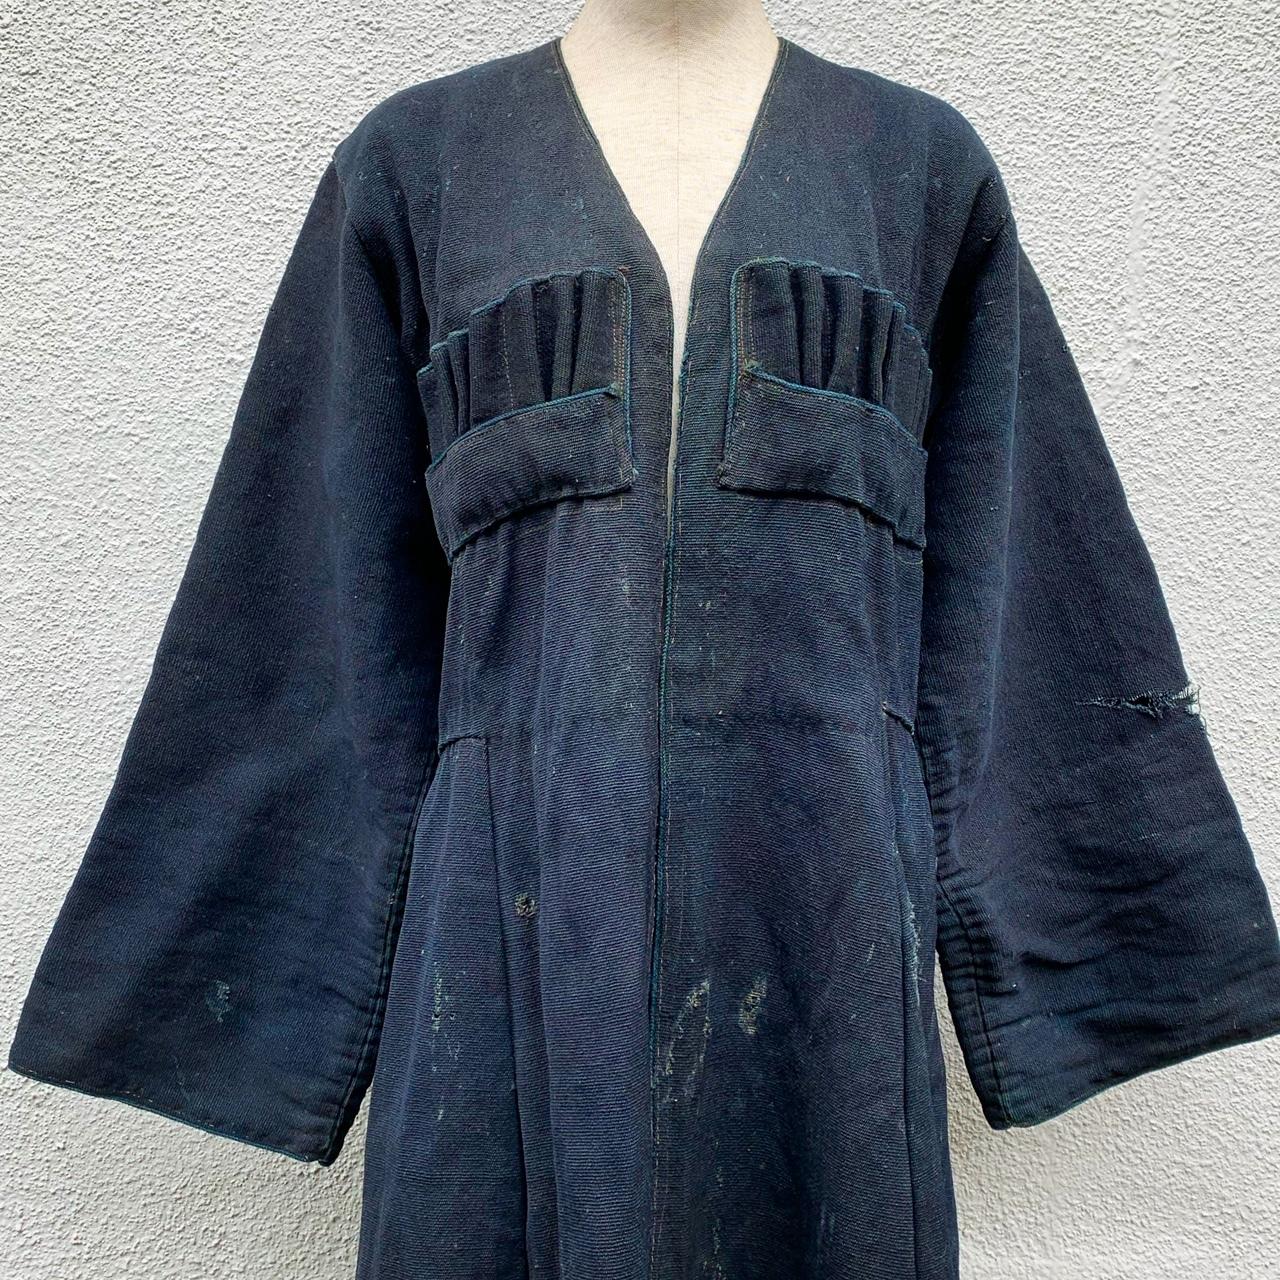 ジョージア(グルジア)の古い民族衣装「チョハ」